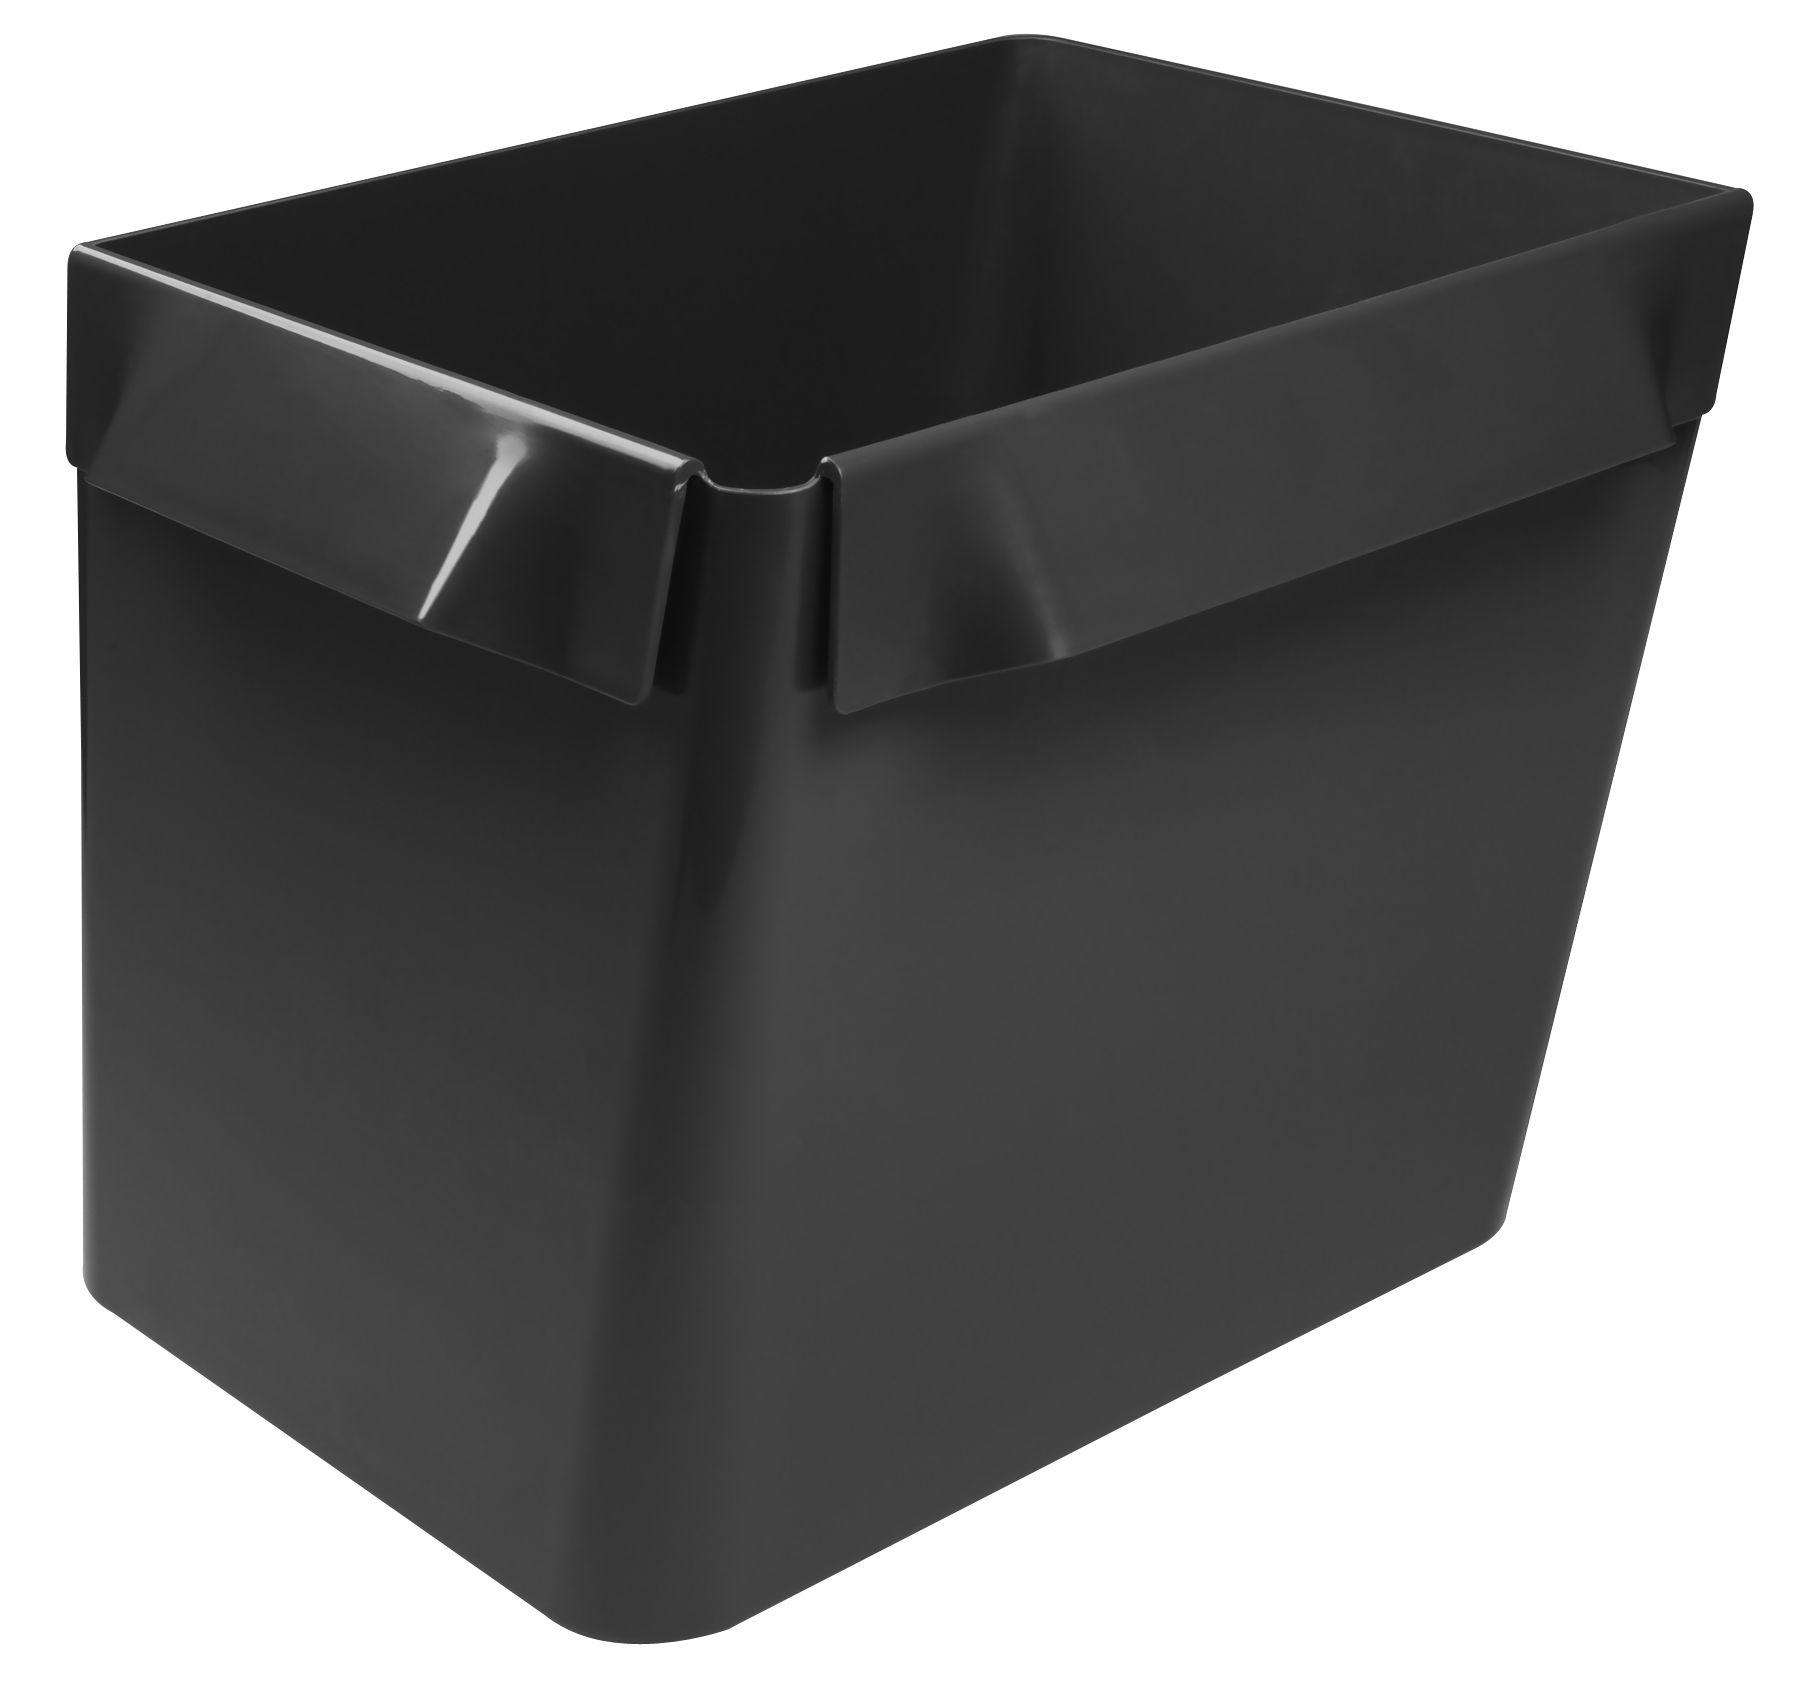 Cucina - Cesti - Cestino Big Bin - Ripiano modulabile di Authentics - Grigio scuro - ABS